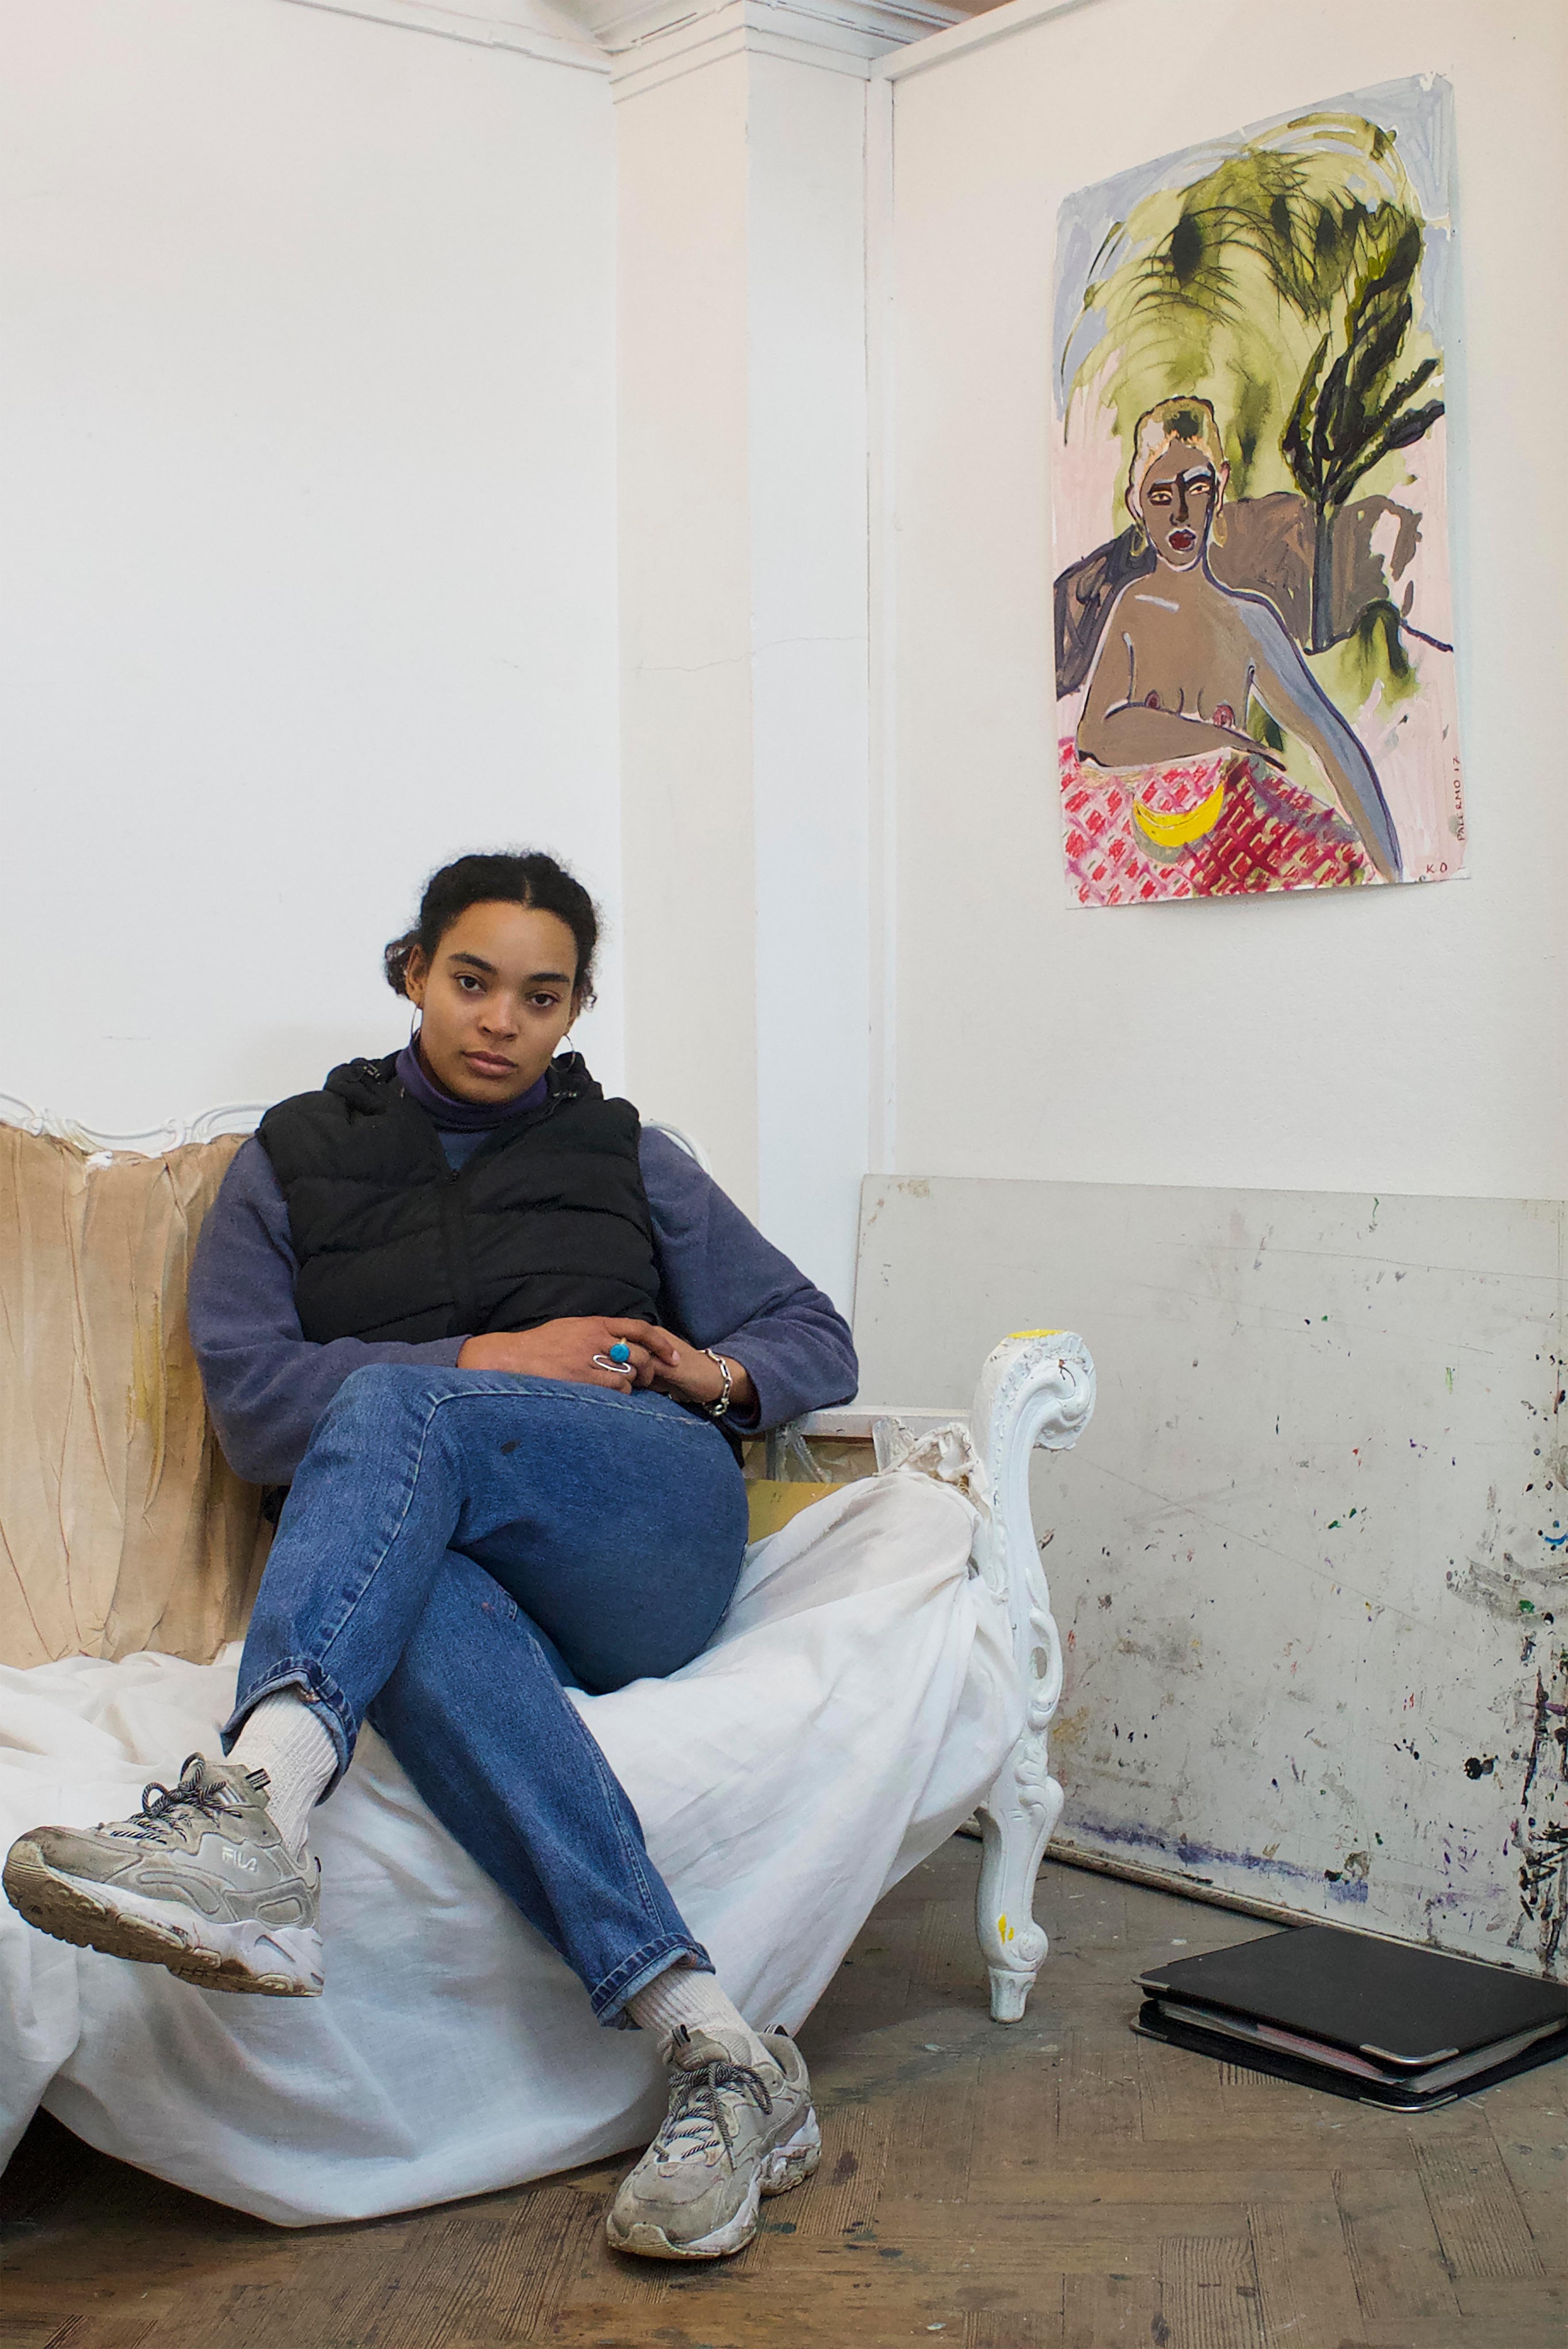 admin, Author at Lewisham Arthouse